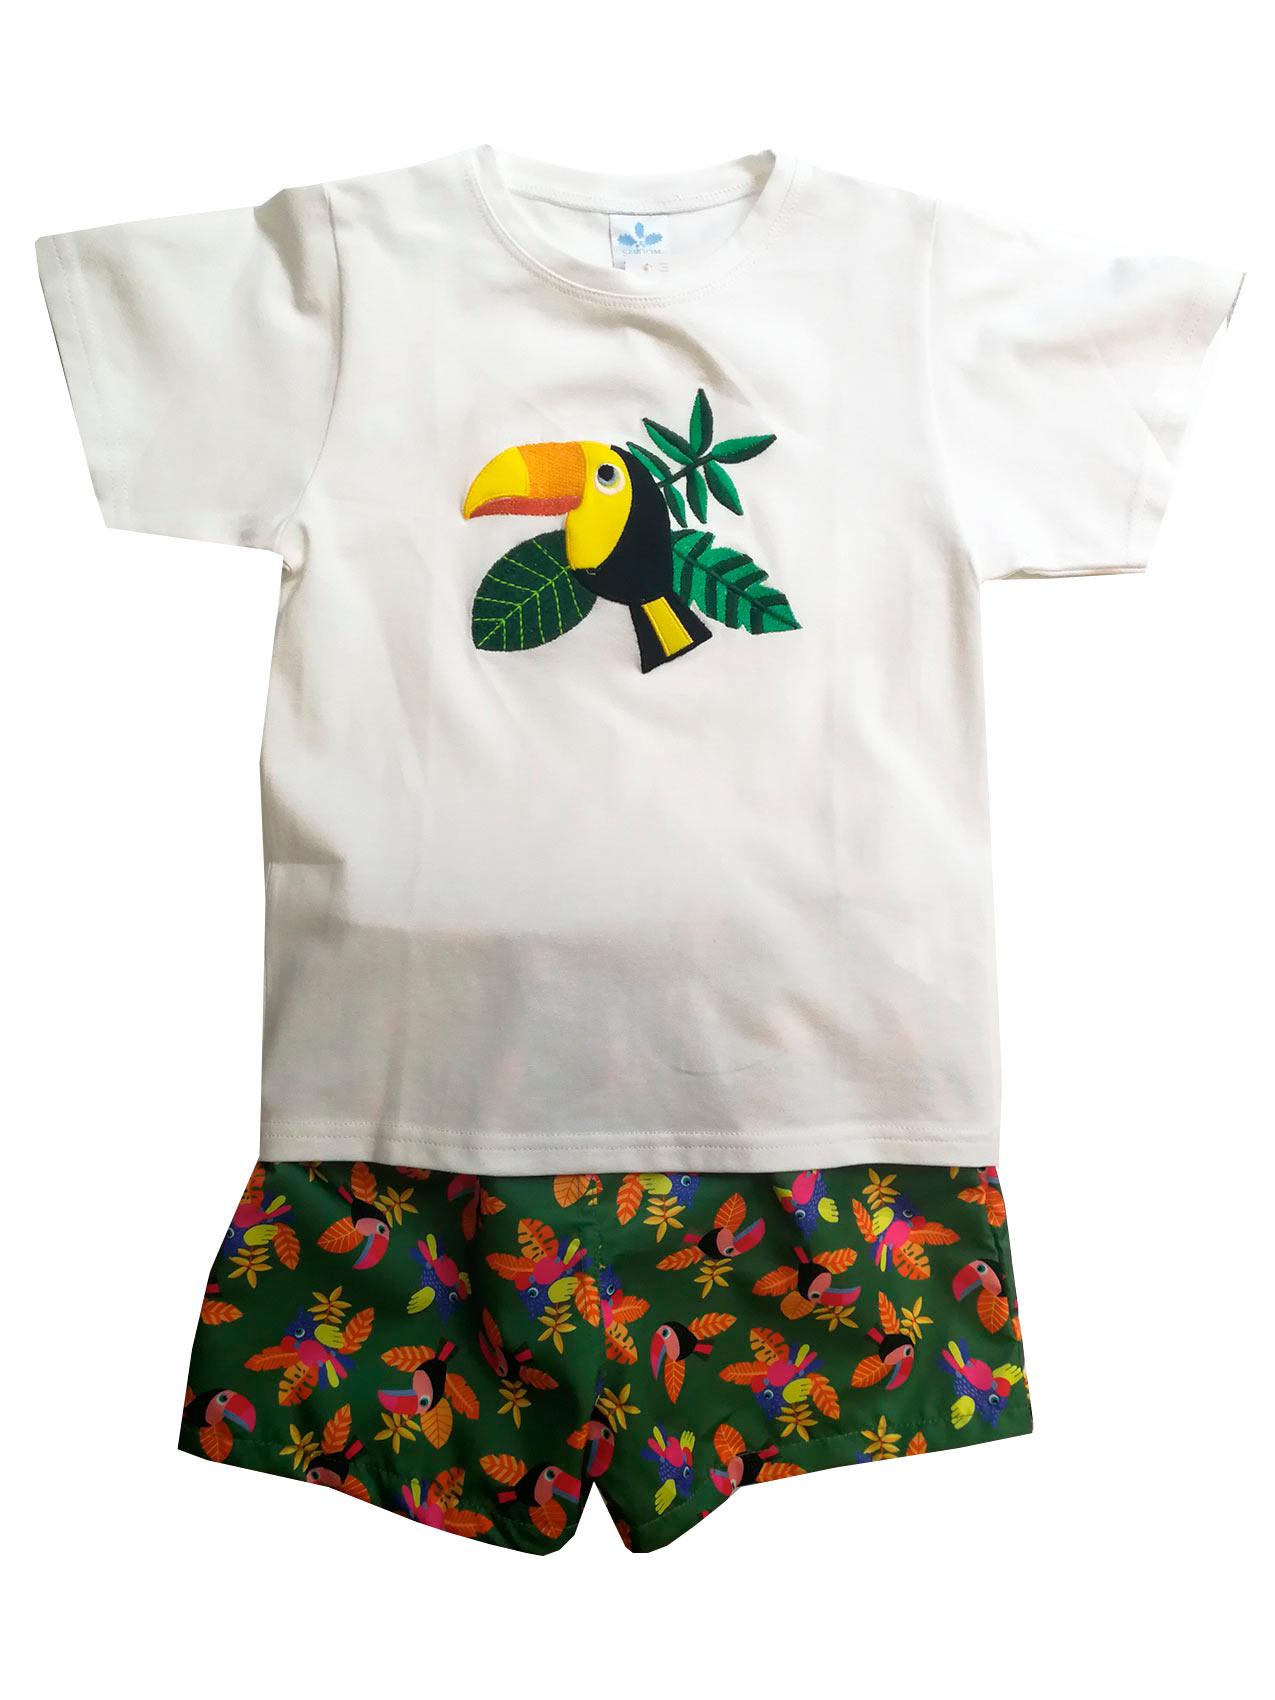 Tucán Bañador Tucán Conjunto Camiseta Conjunto Conjunto Bañador Bañador Y Camiseta Y PkZiuX